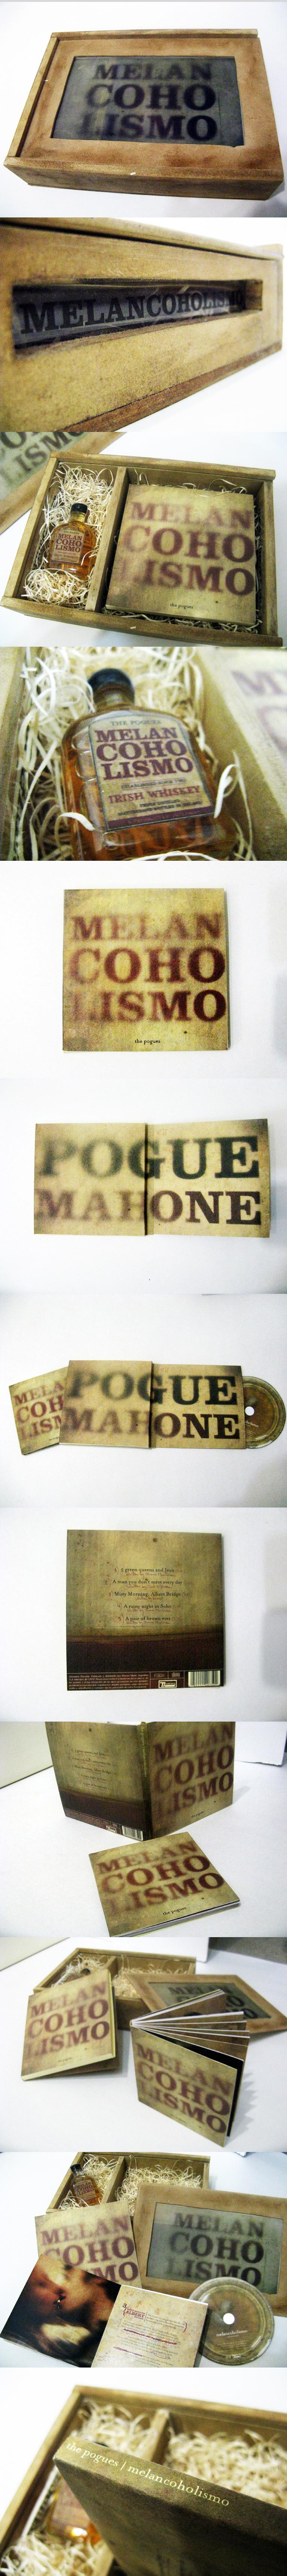 Diseño I – Gabriele. Diseño CD. Fotografía de Sistema del Packaging.